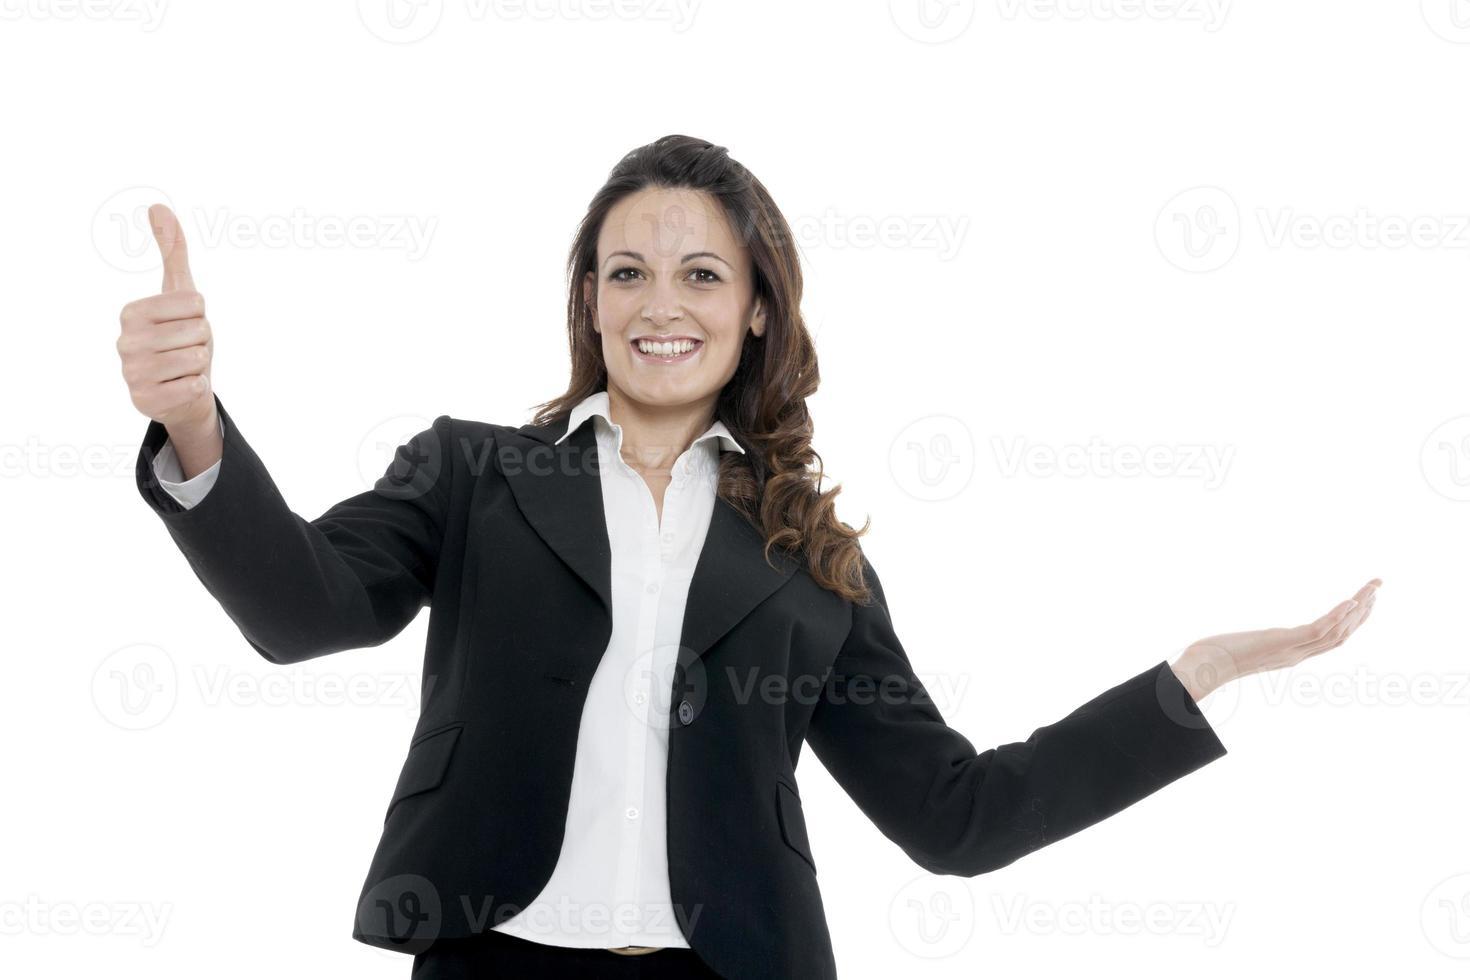 donna leader, manager fa l'allenamento. mani in alto foto